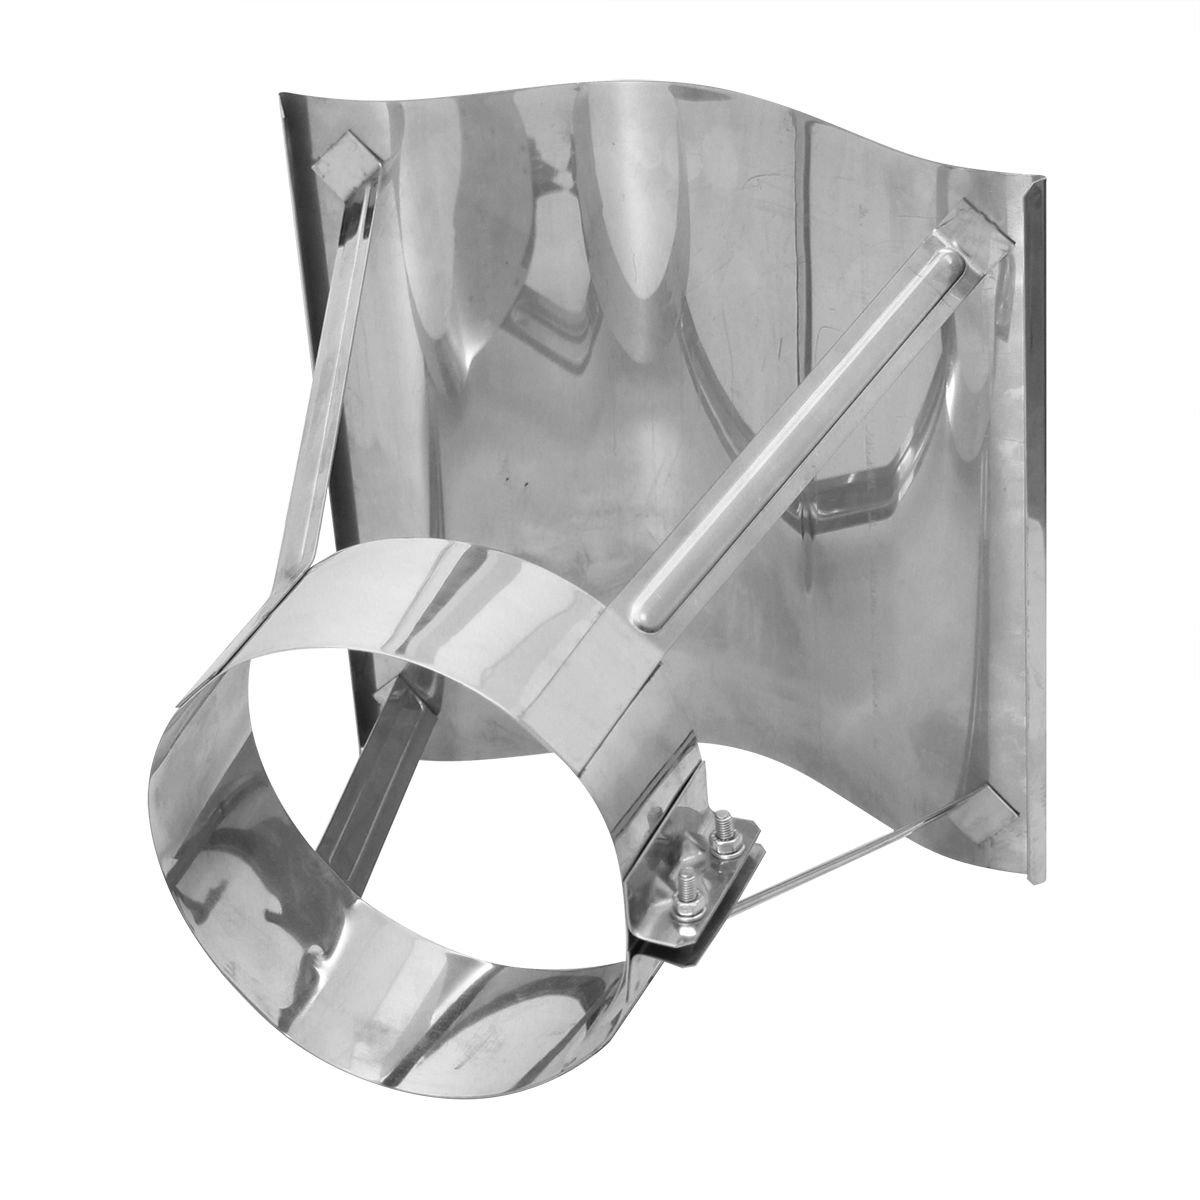 Schornsteinabdeckung Kaminabdeckung Edelstahl, Kaminhaube Regenhaube KLIPPS (180mm)